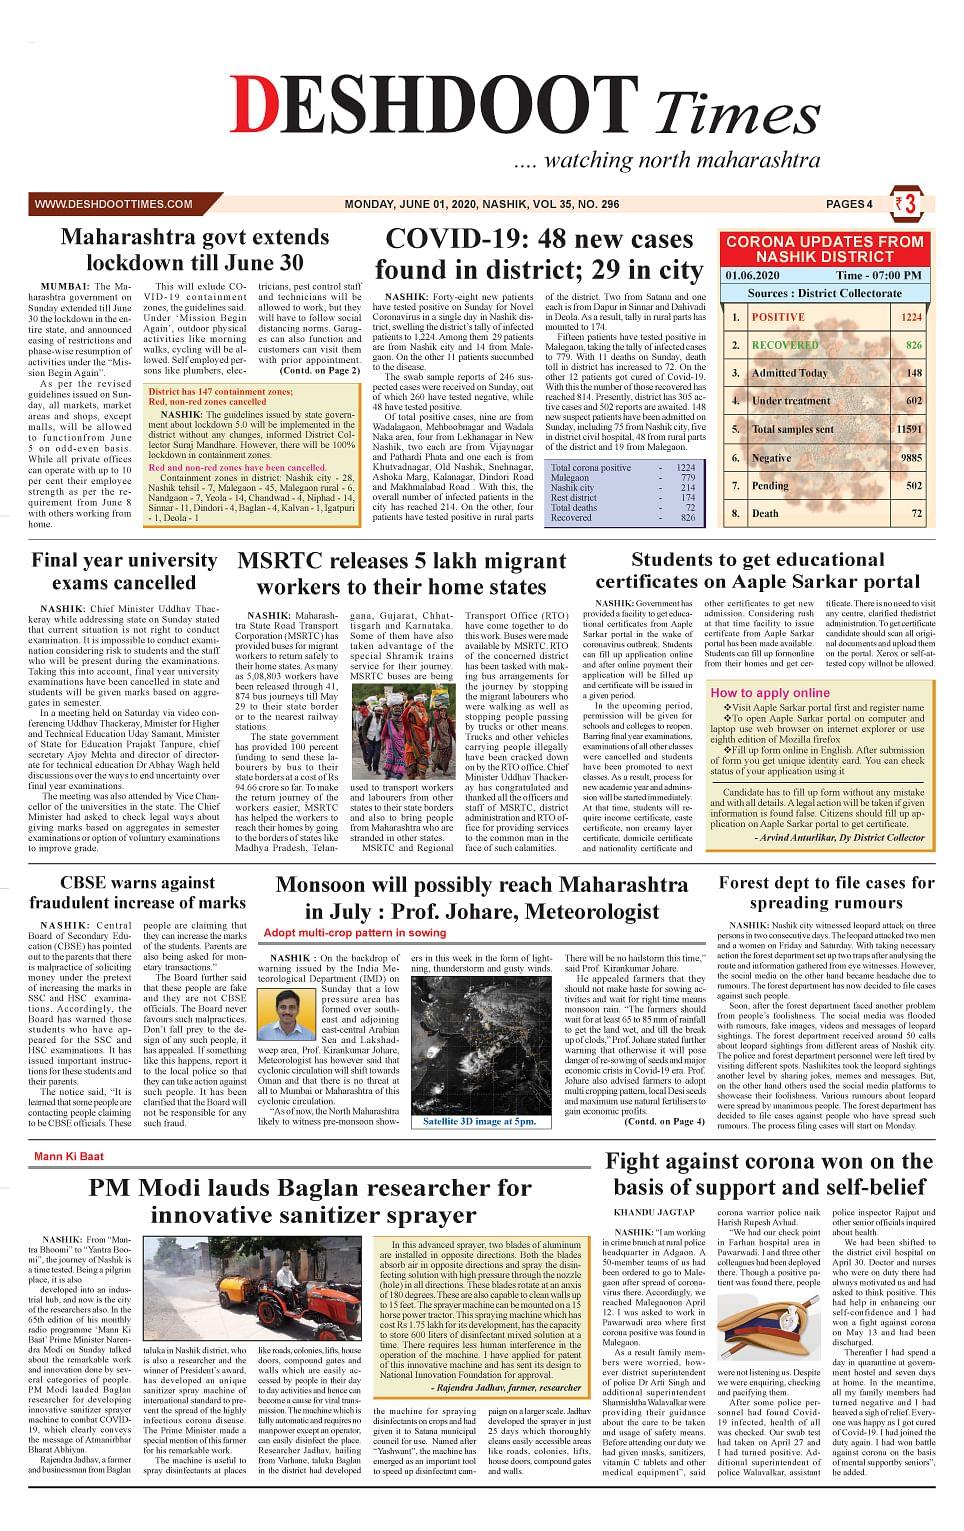 Deshdoot Times E-Paper, 01 June 2020